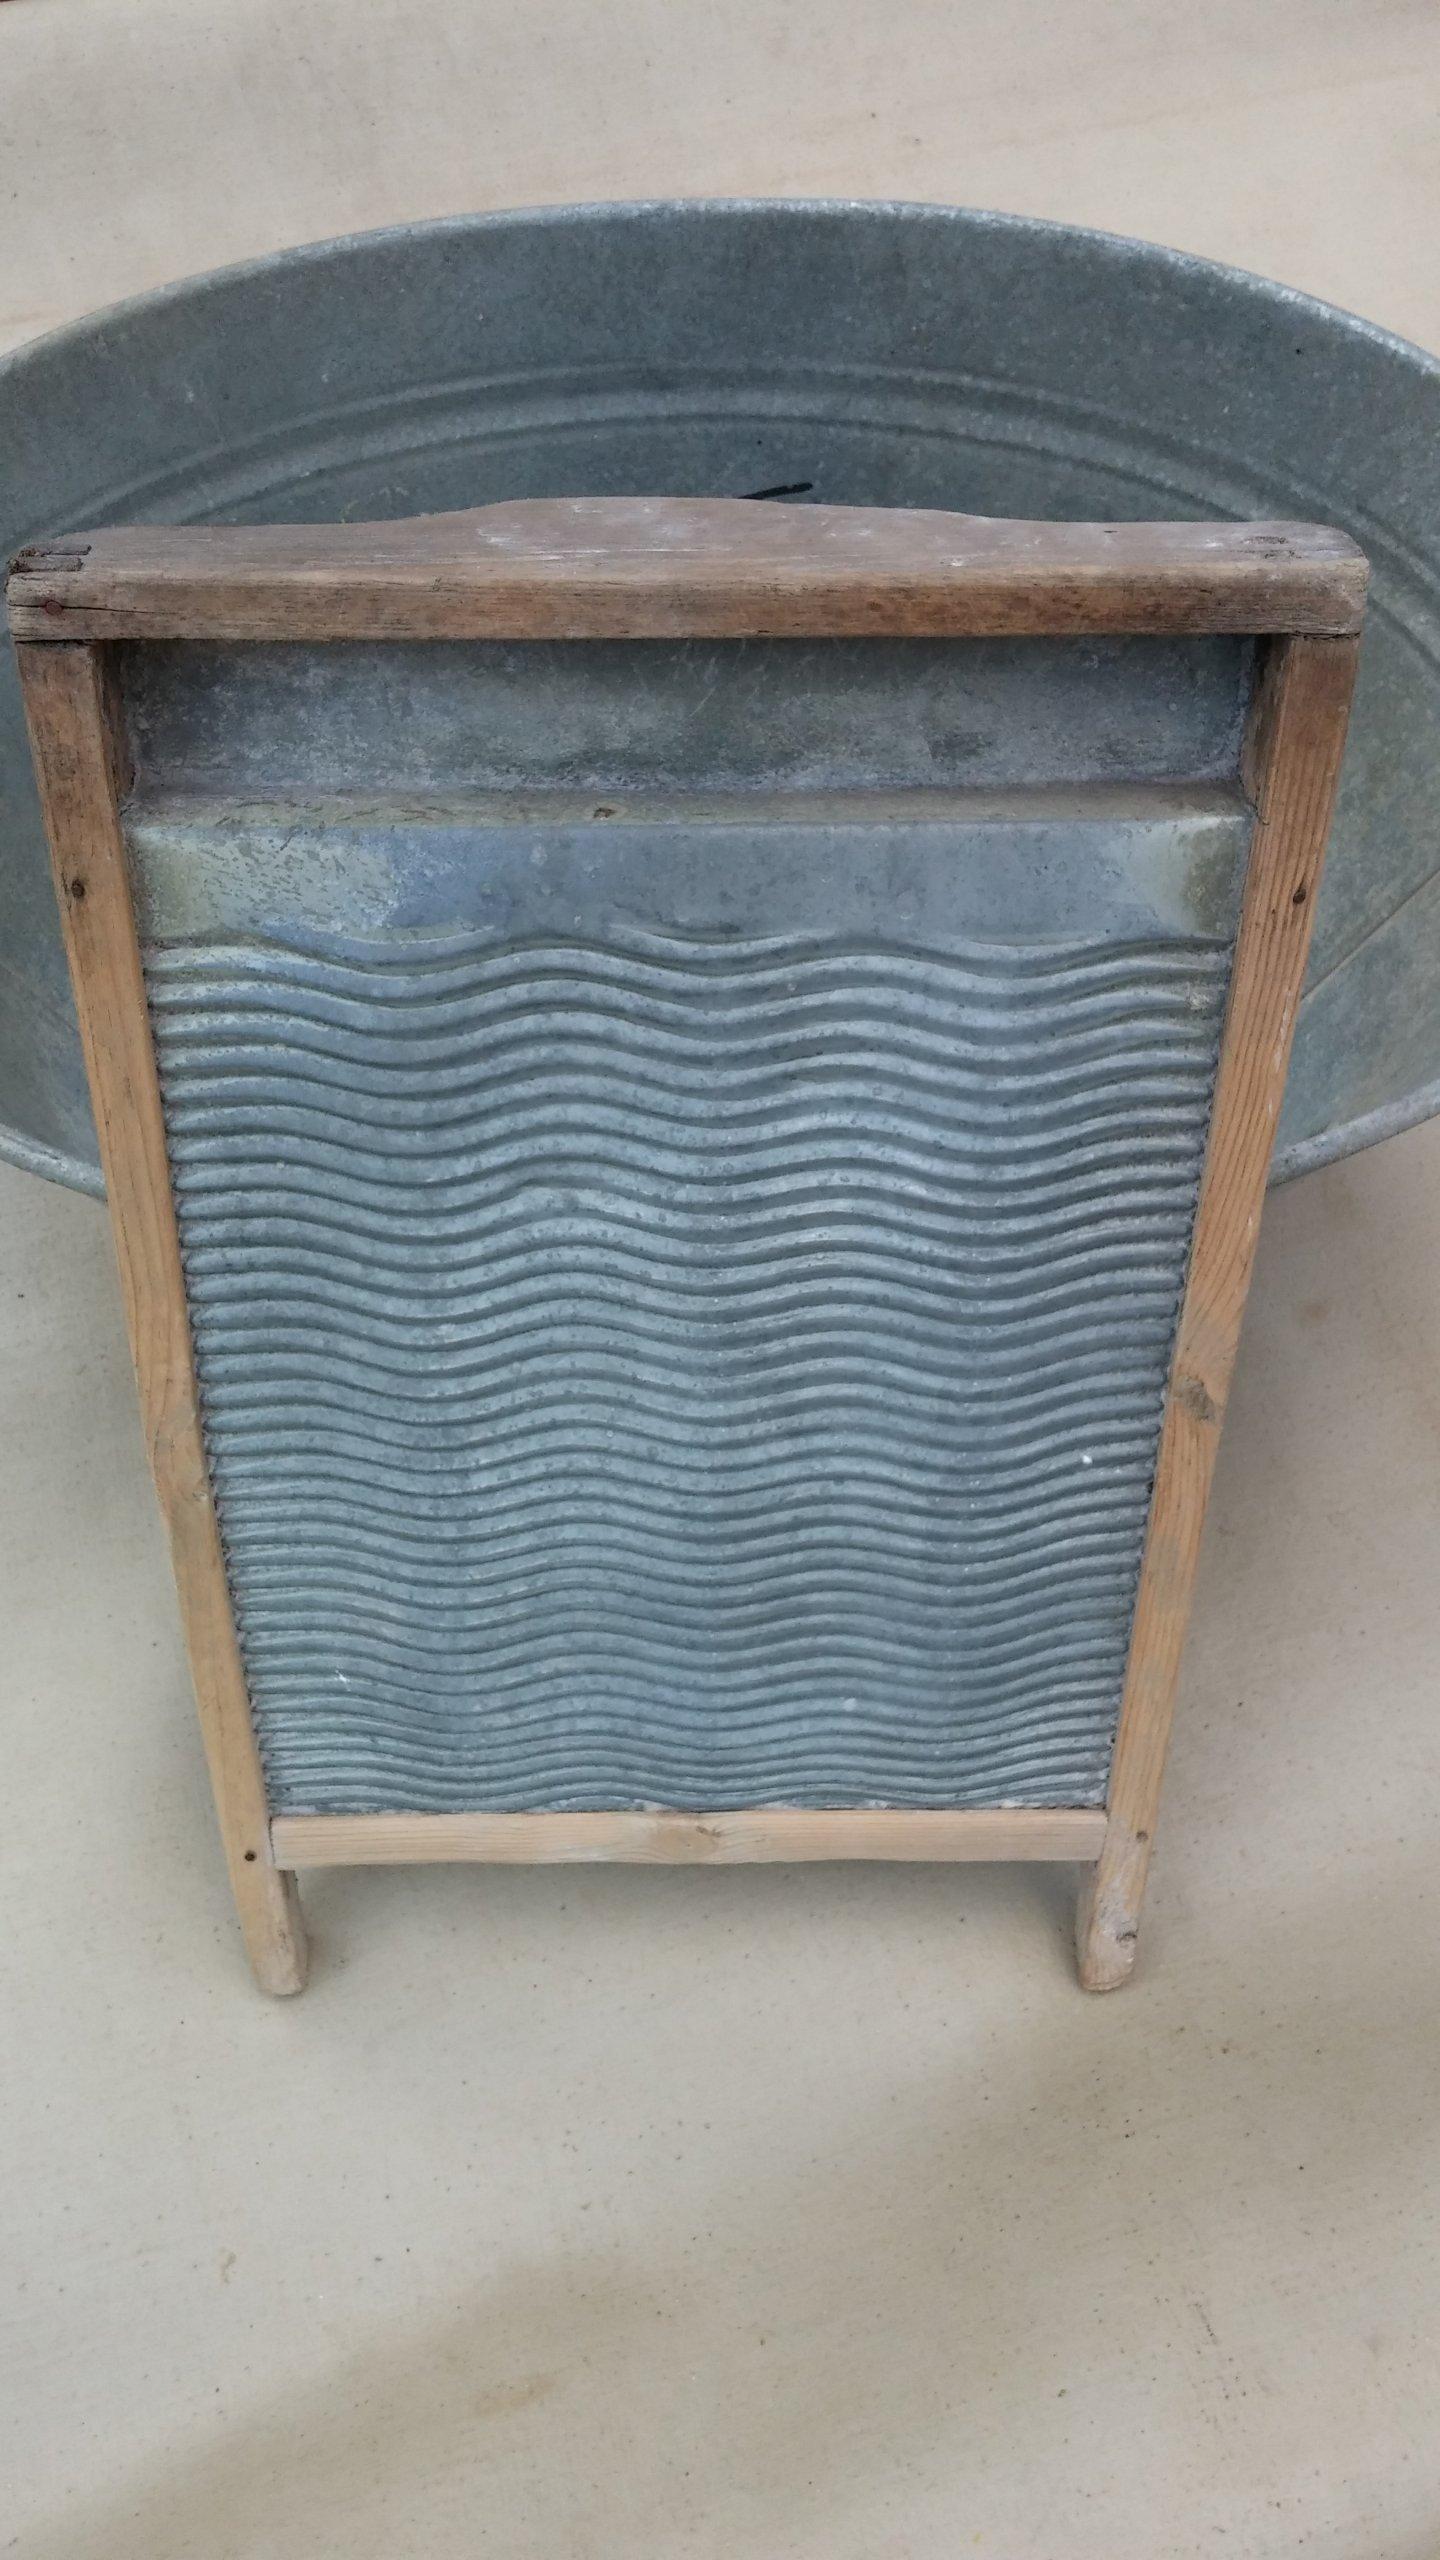 Groovy pralka do prania w kategorii Kolekcje i sztuka w Oficjalnym JC04